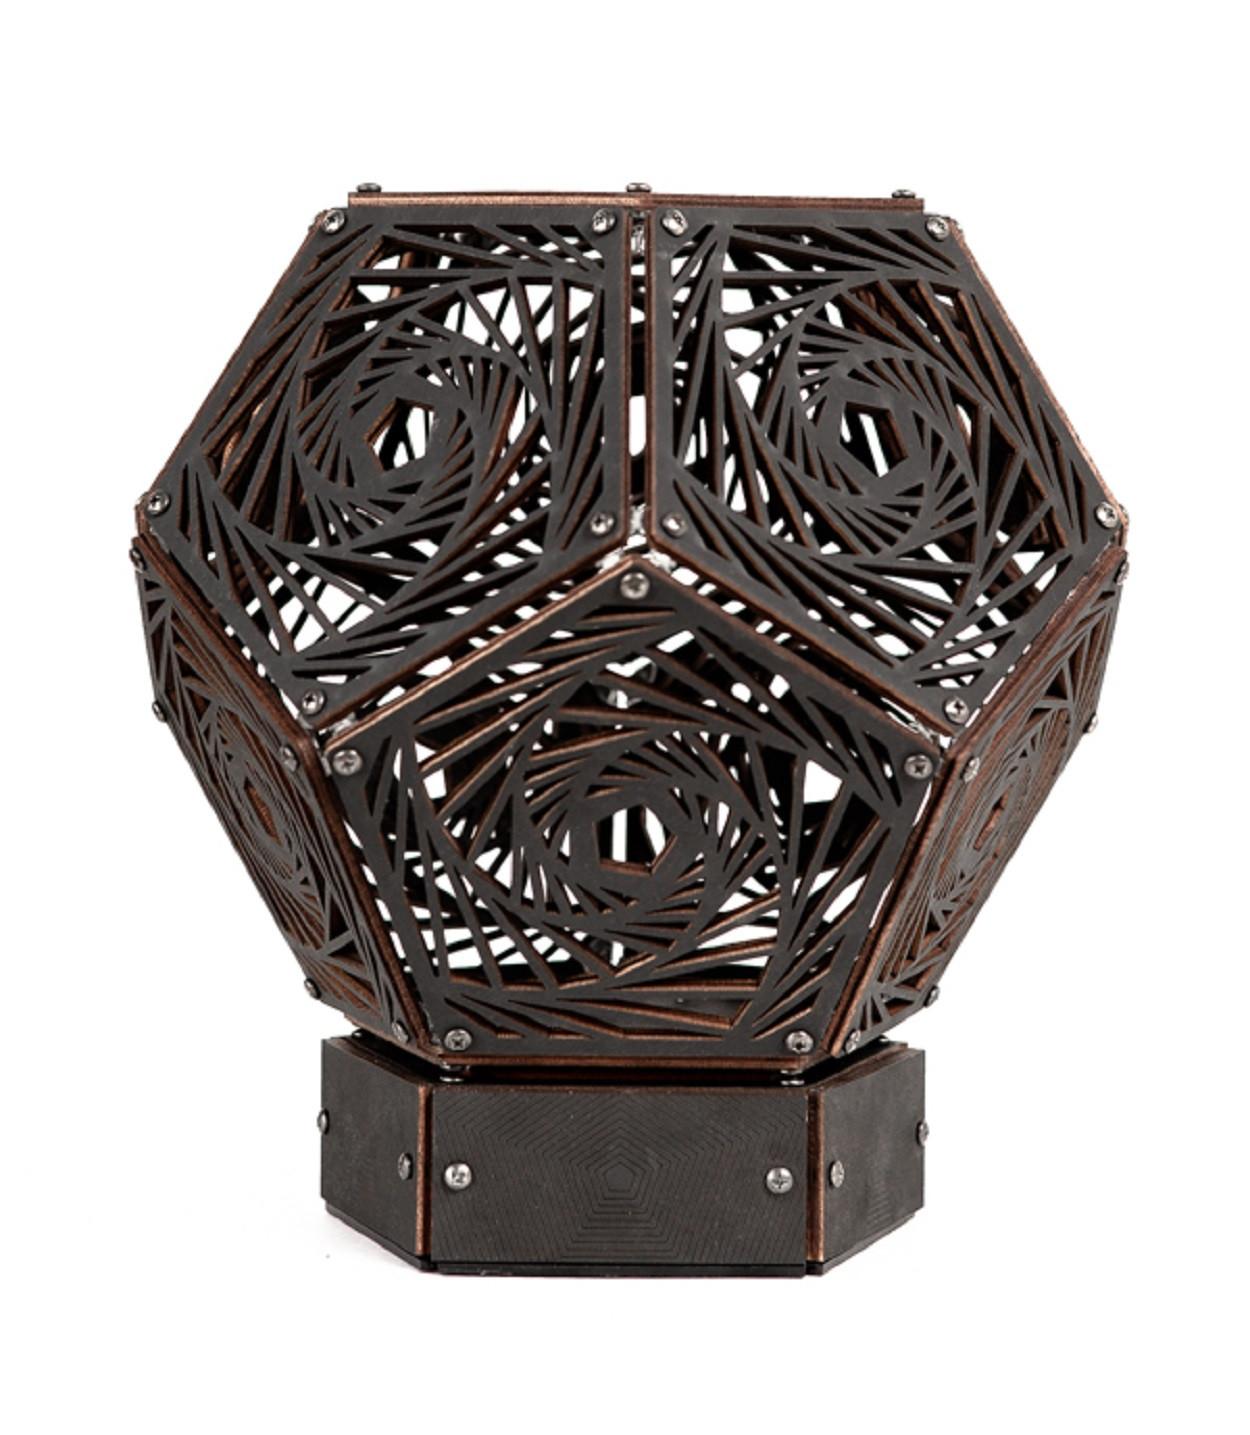 """Проекционный ночник """"Nautilus"""", рисунок Vortex, черный (145х160 мм)"""